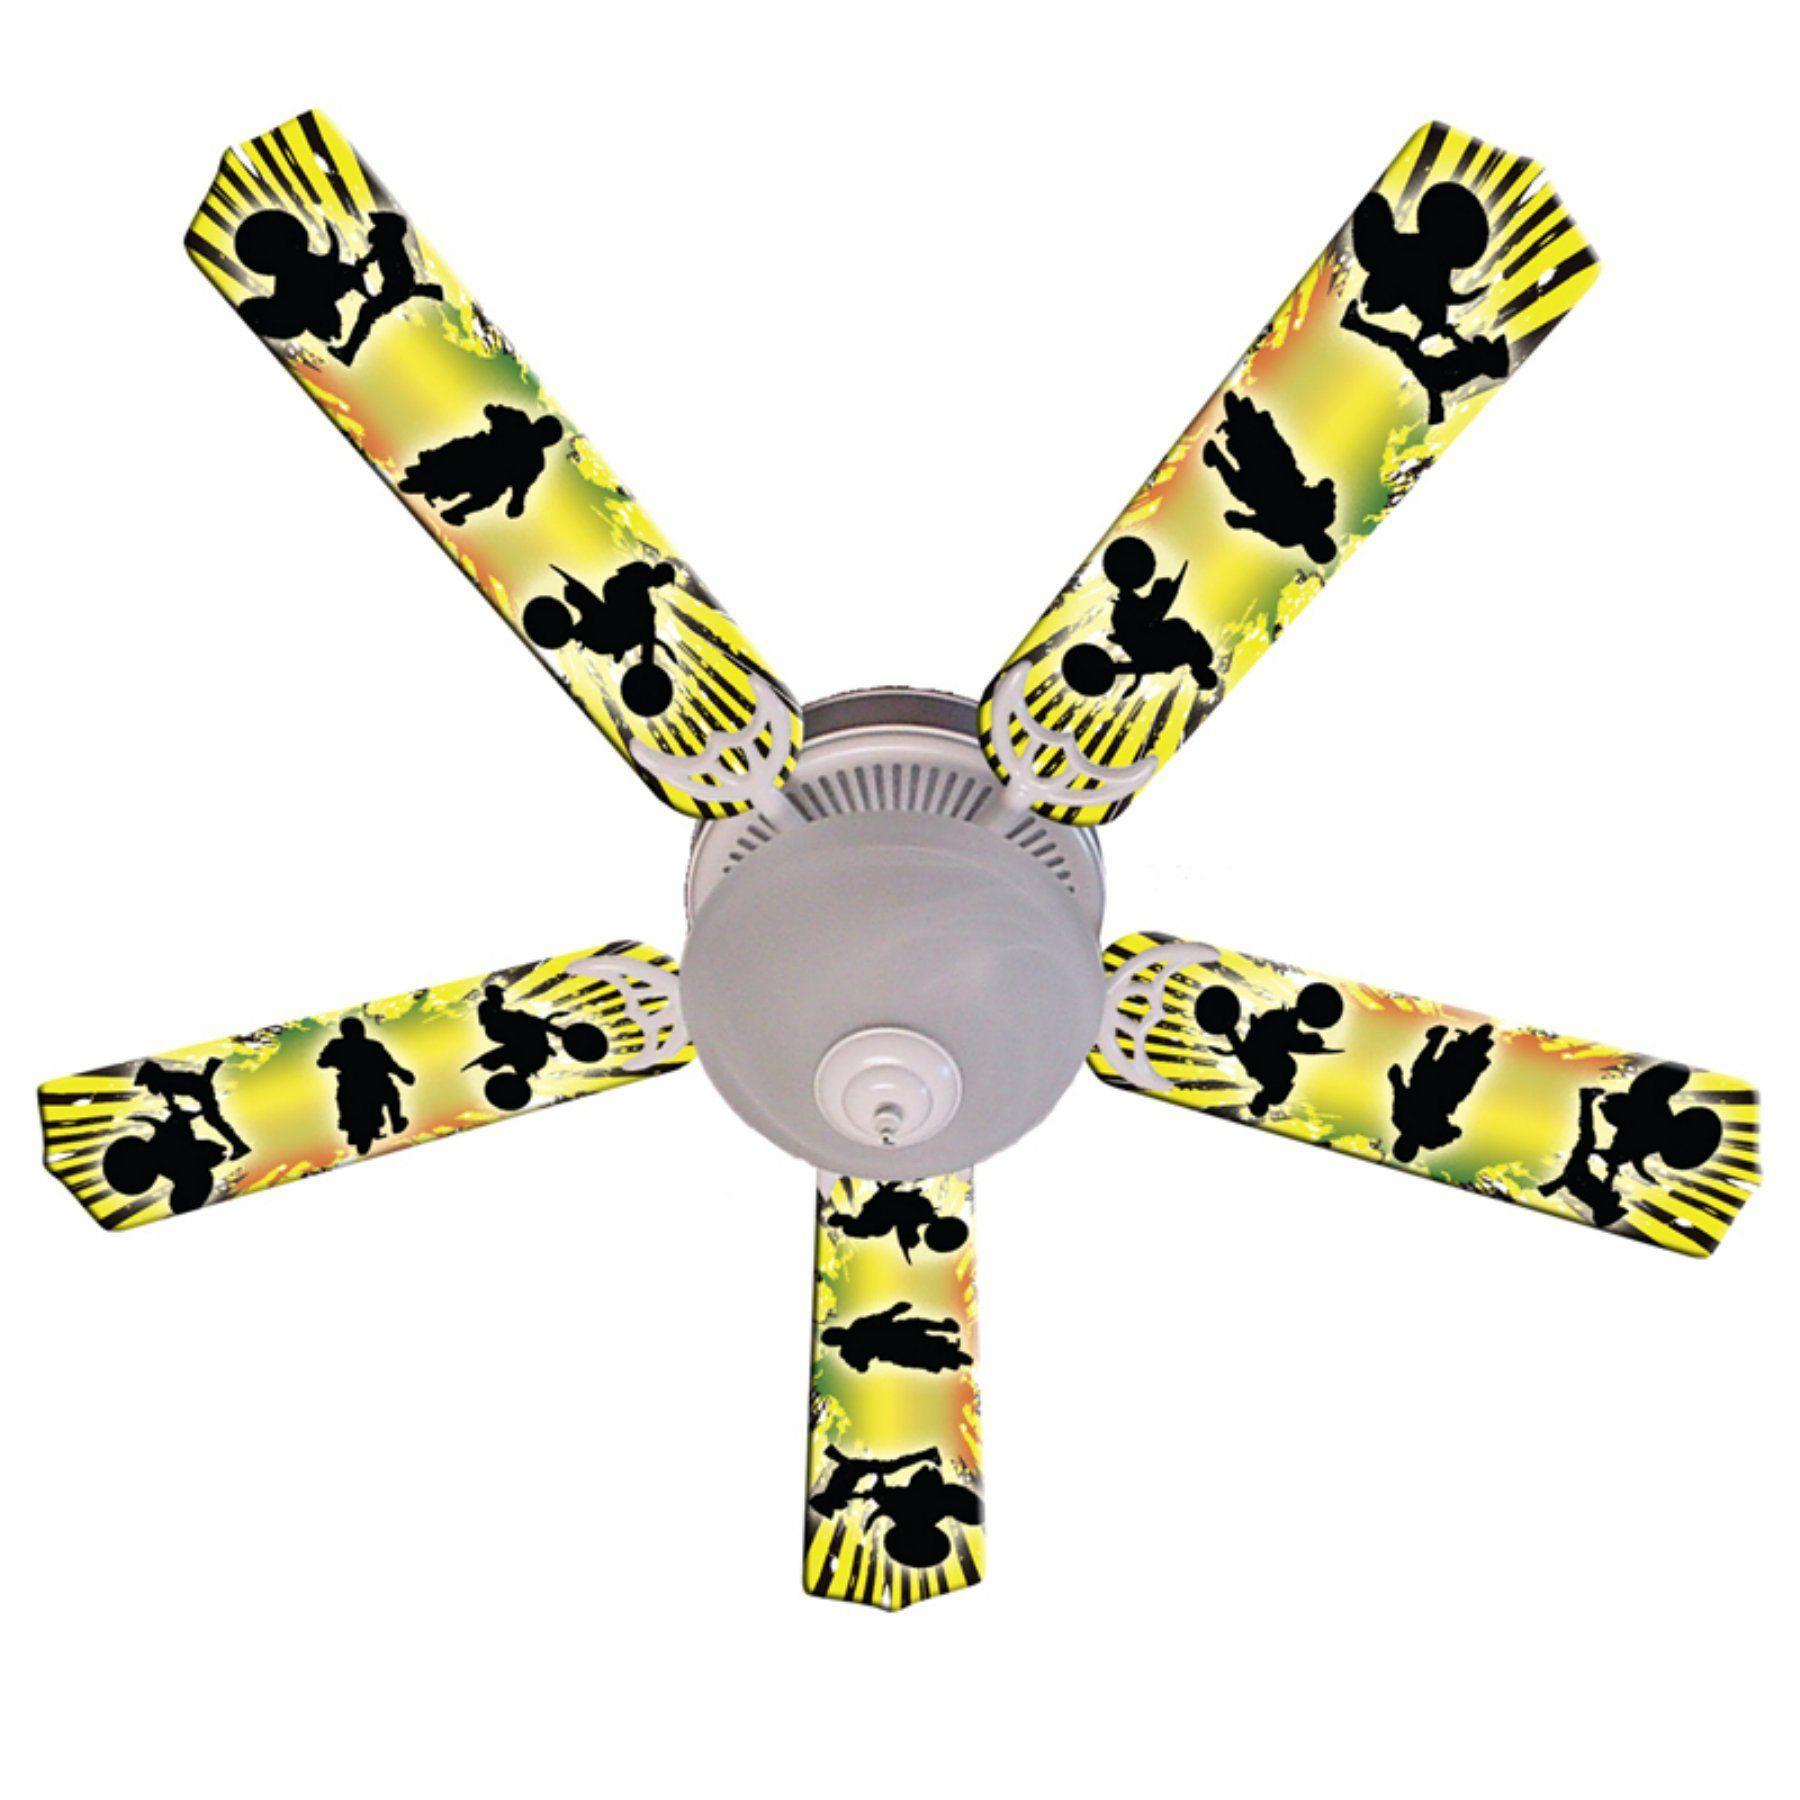 Ceiling Fan Designers Kids Baja MX Motocross Indoor Ceiling Fan